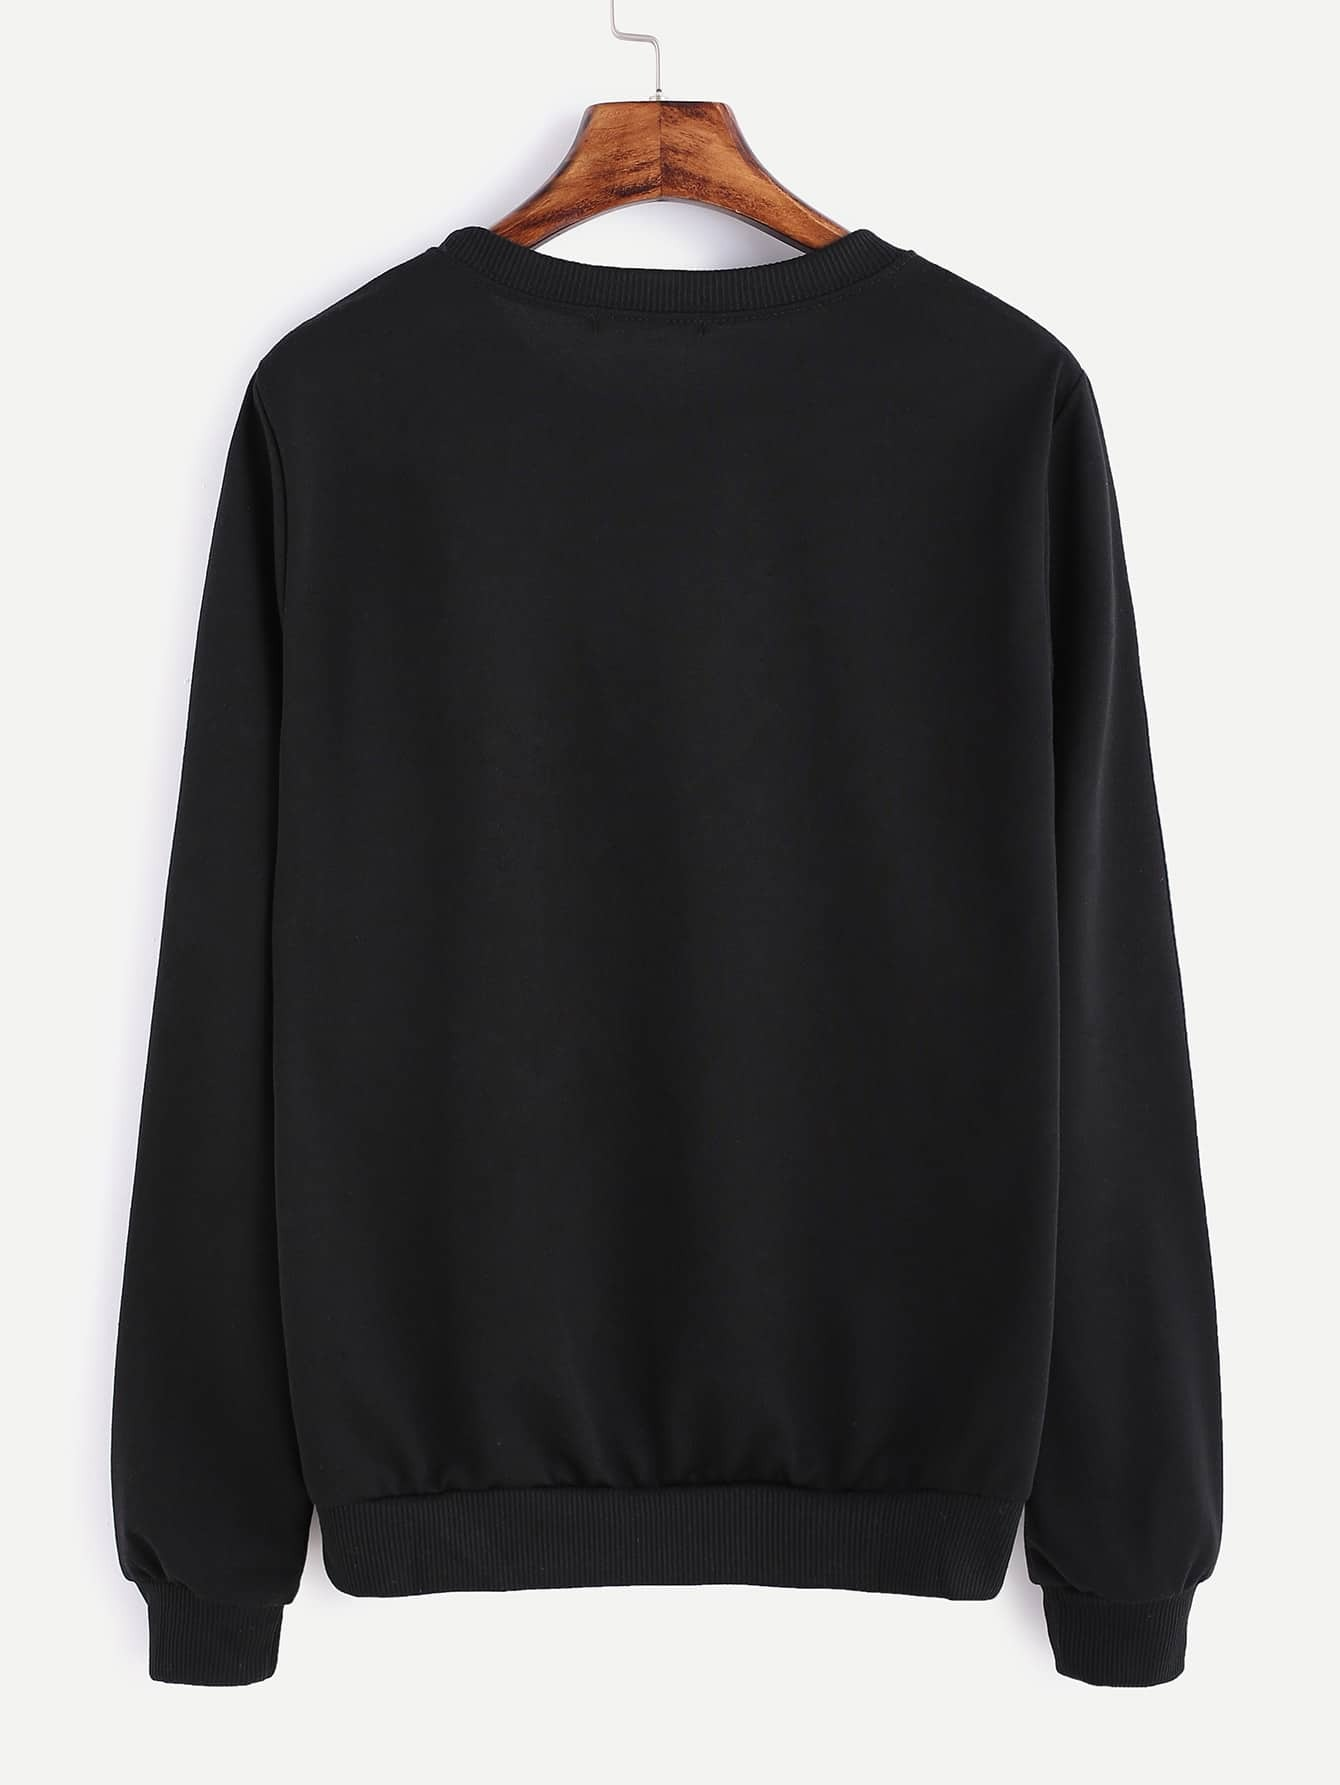 sweatshirt161017105_2